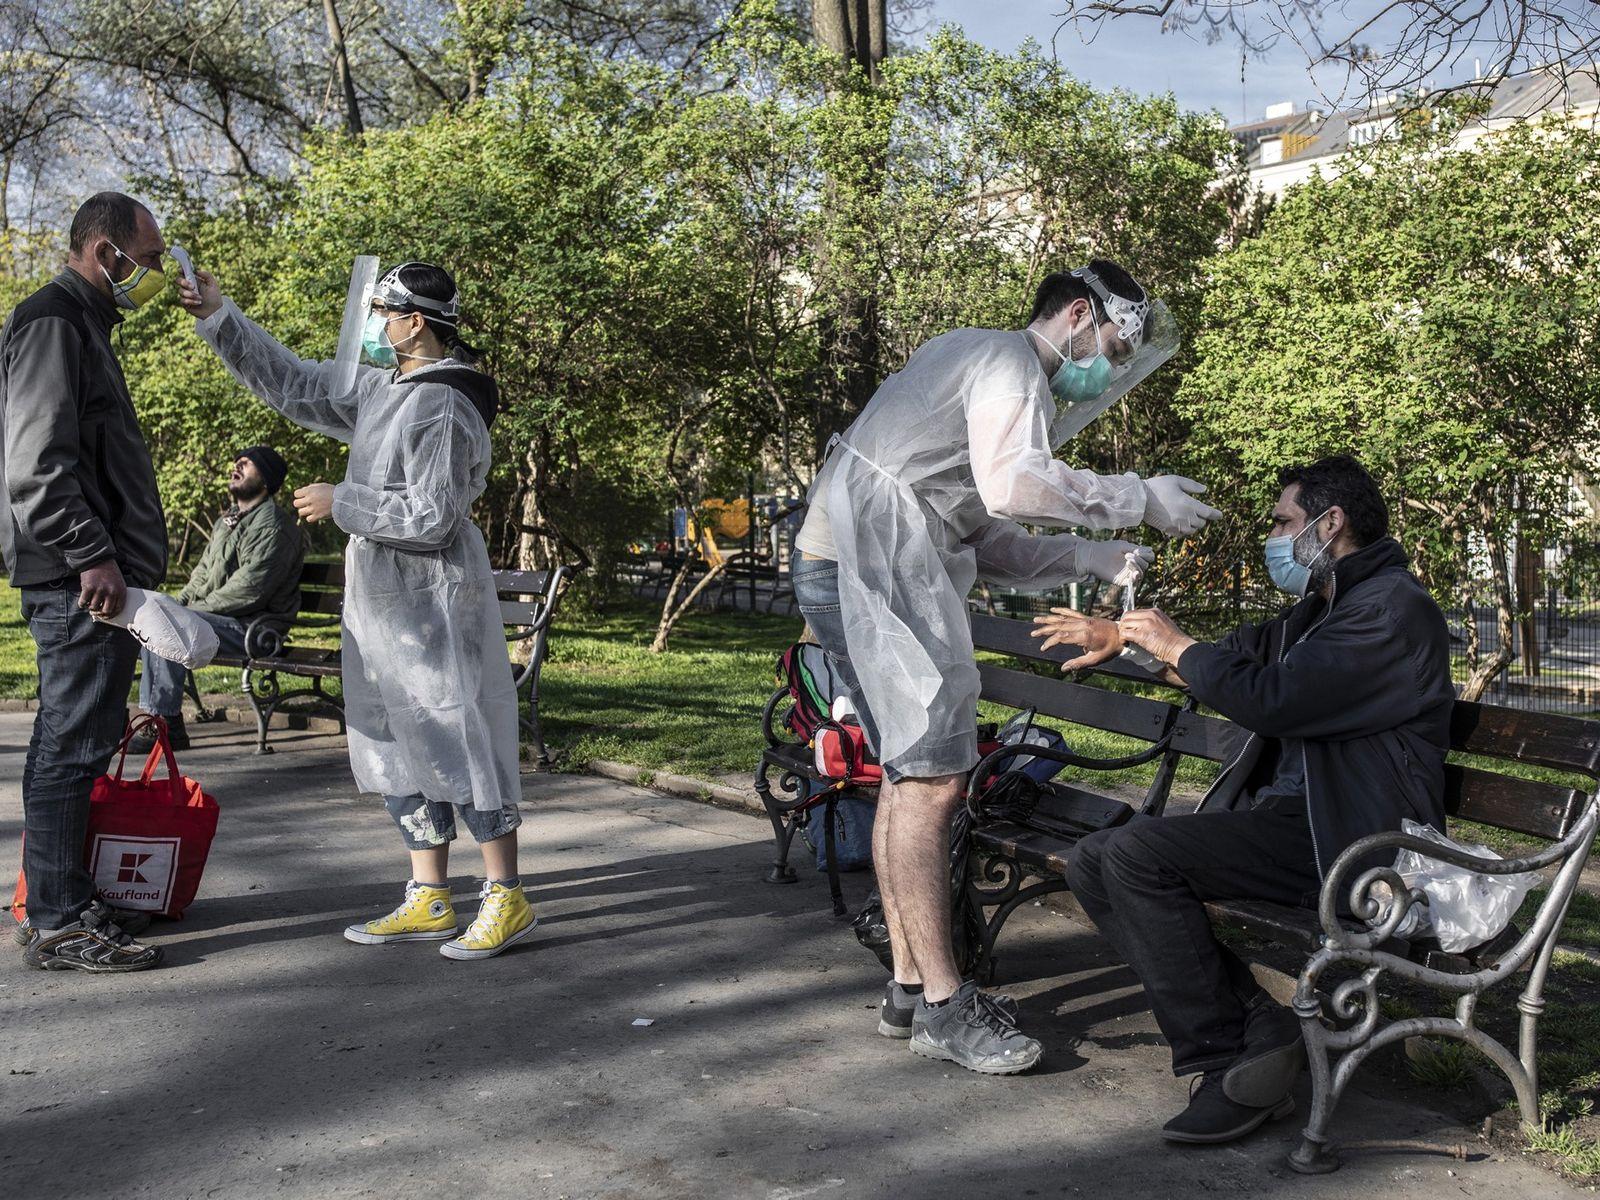 Estudantes de medicina cuidam de pessoas sem-abrigo num parque em Praga, durante a pandemia de COVID-19.